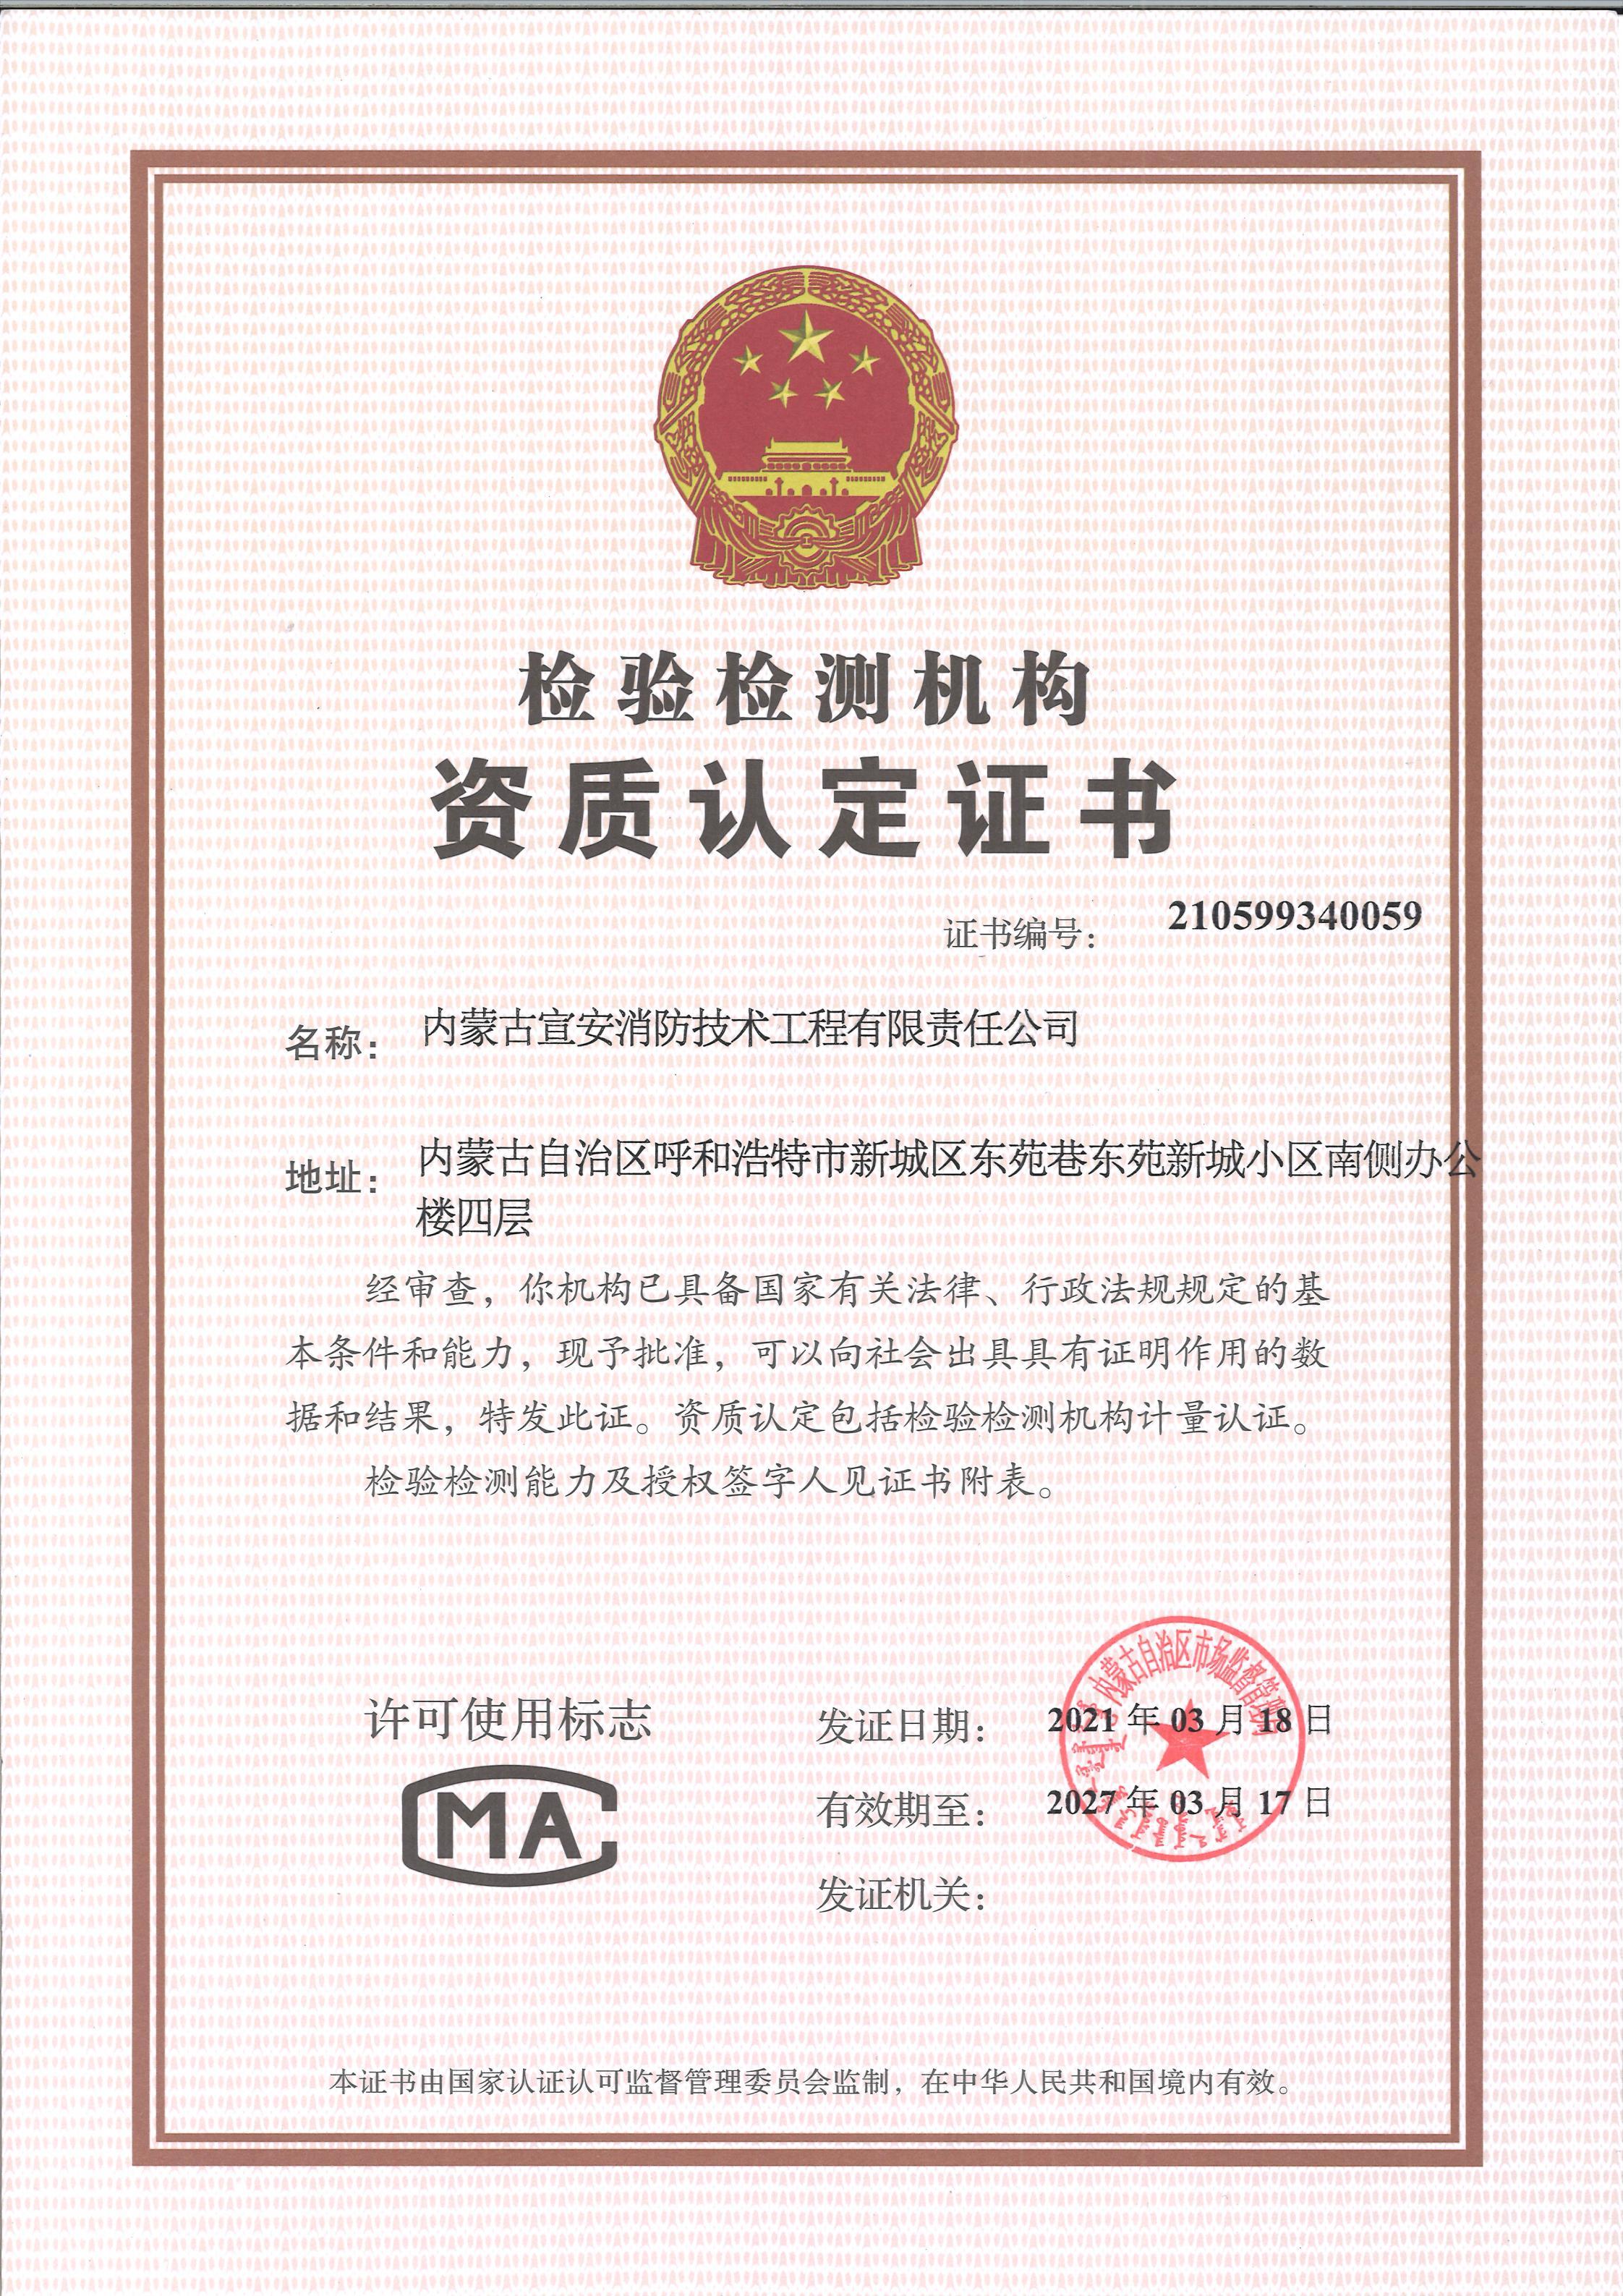 电气检测(CMA)证书